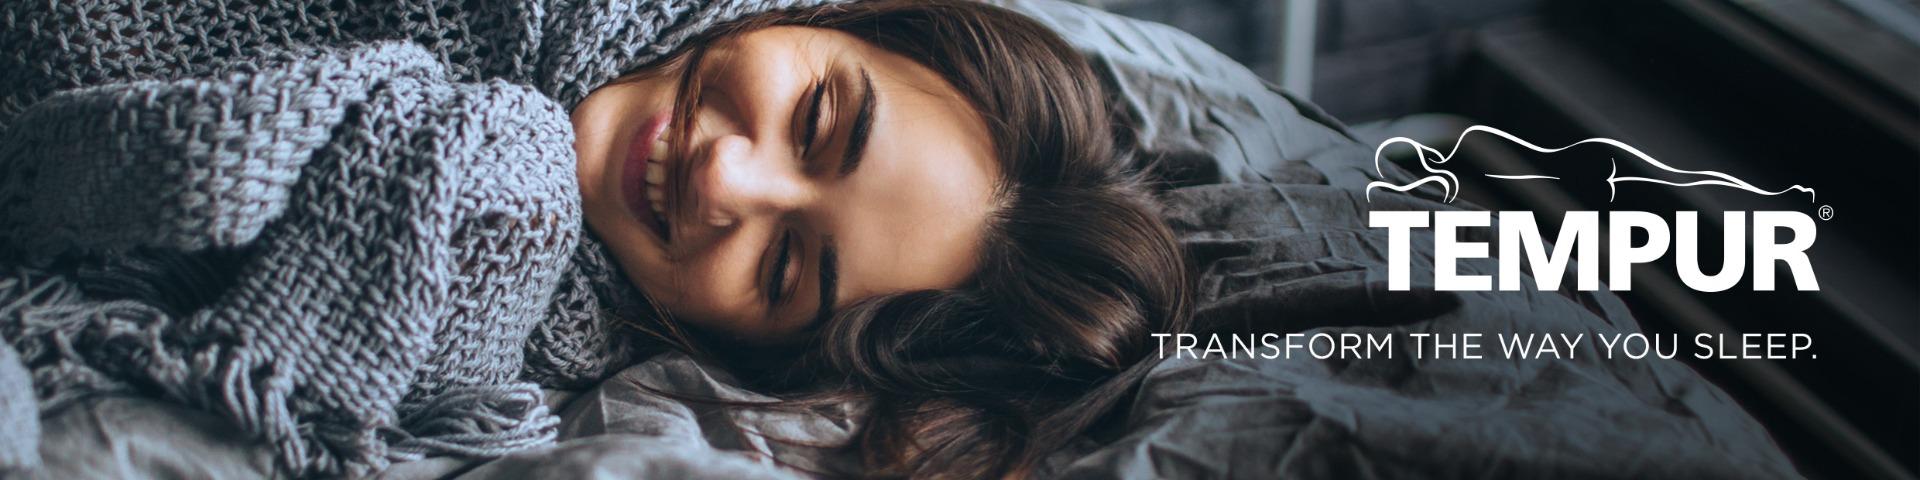 tempur pillows